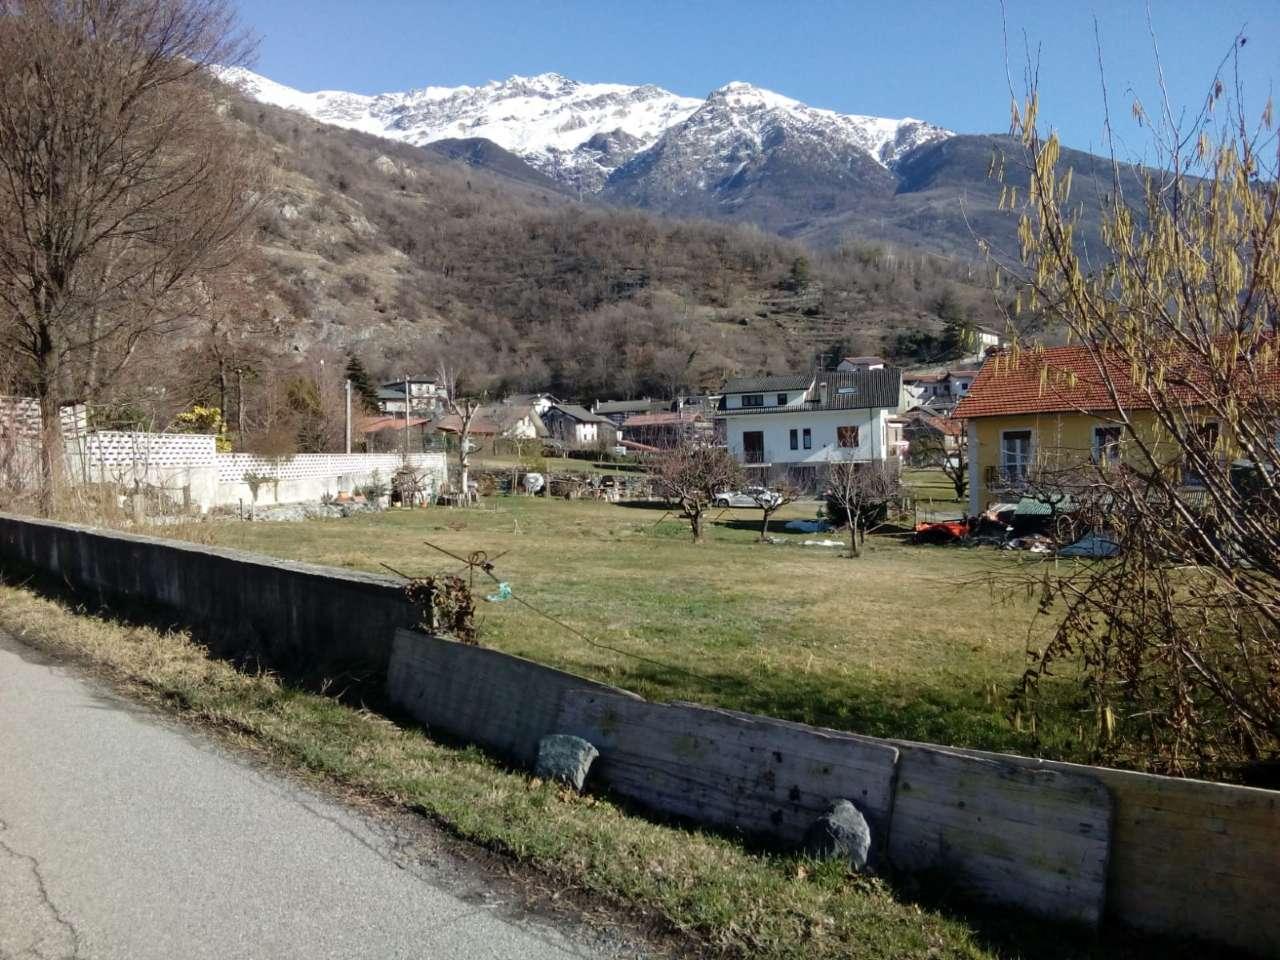 Rustico / Casale in vendita a Chianocco, 4 locali, prezzo € 83.000 | PortaleAgenzieImmobiliari.it